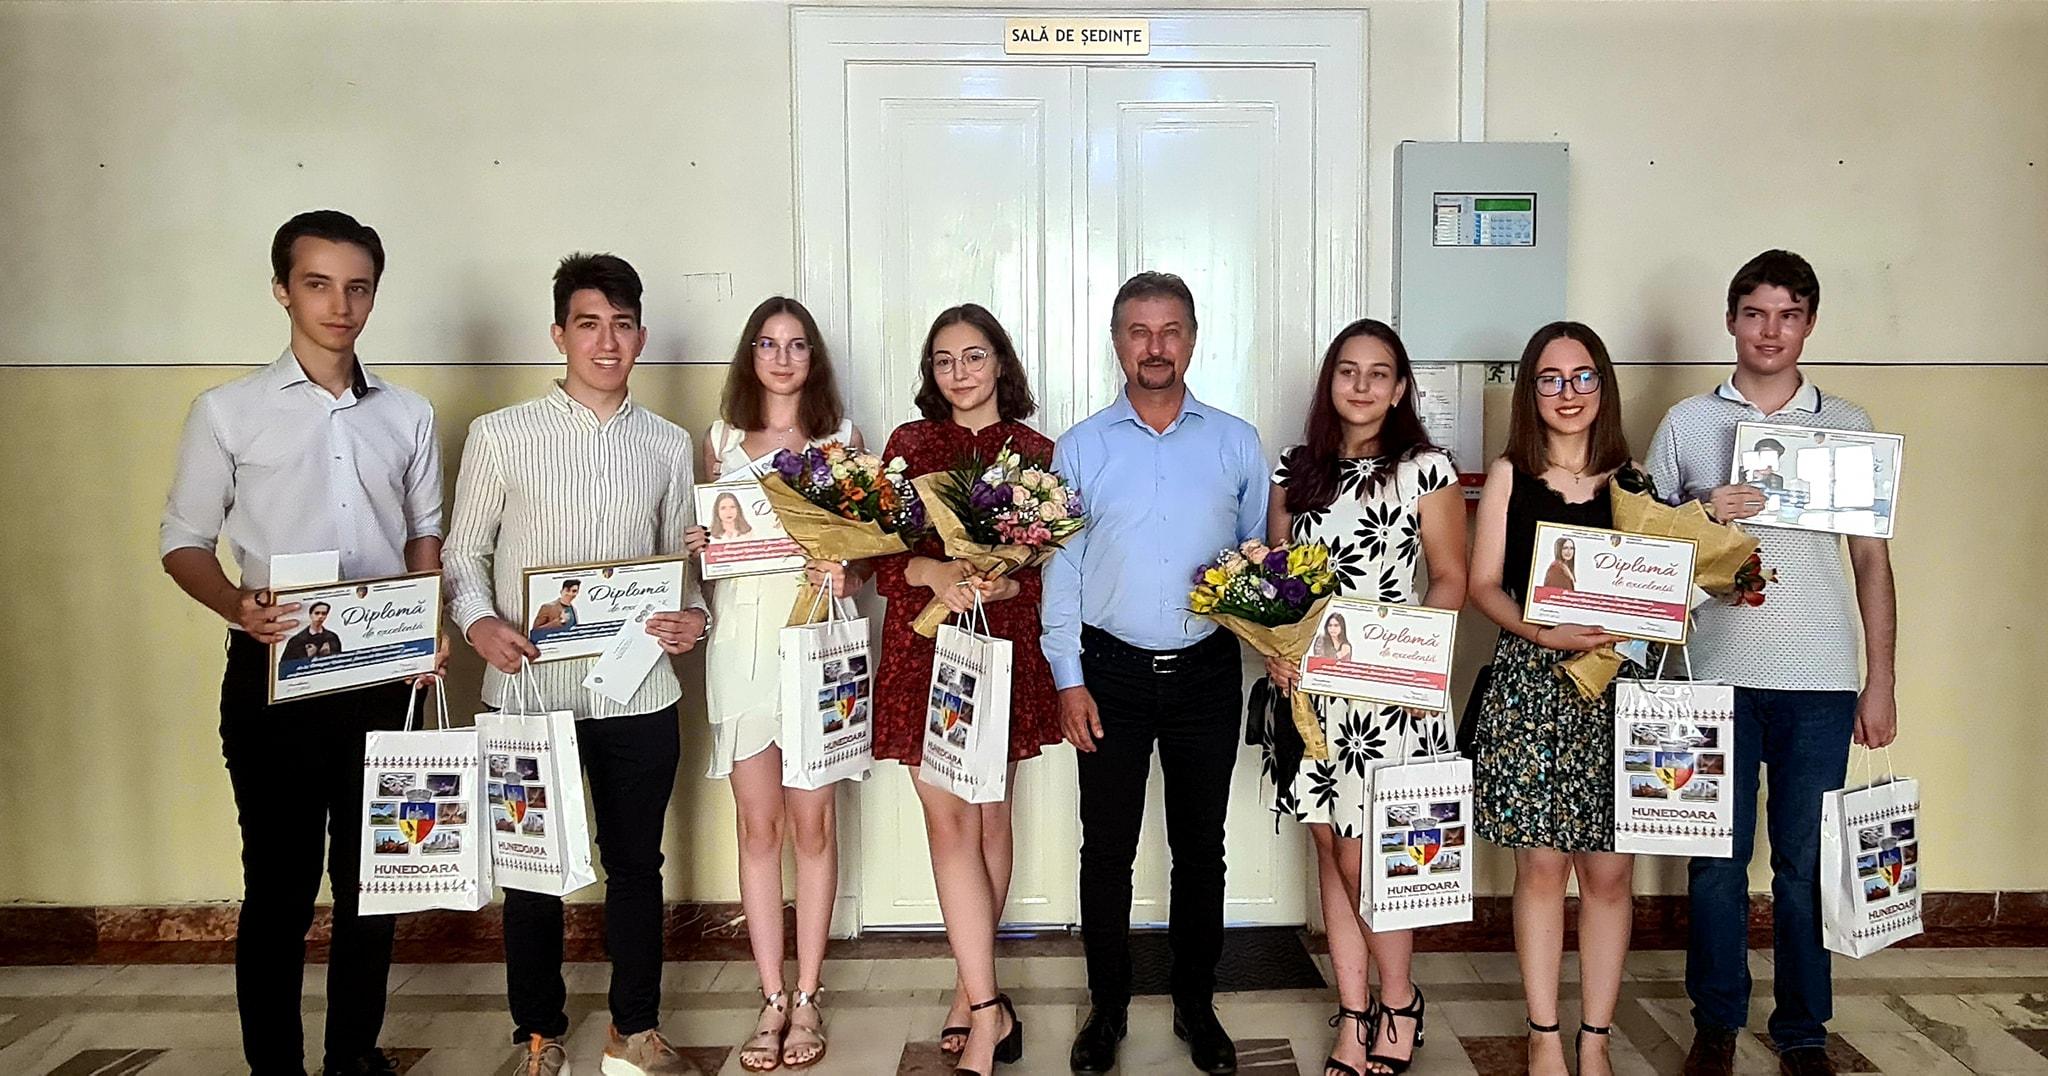 Absolvenți de nota 10, premiați de municipalitatea Hunedoarei cu câte 2.000 de lei